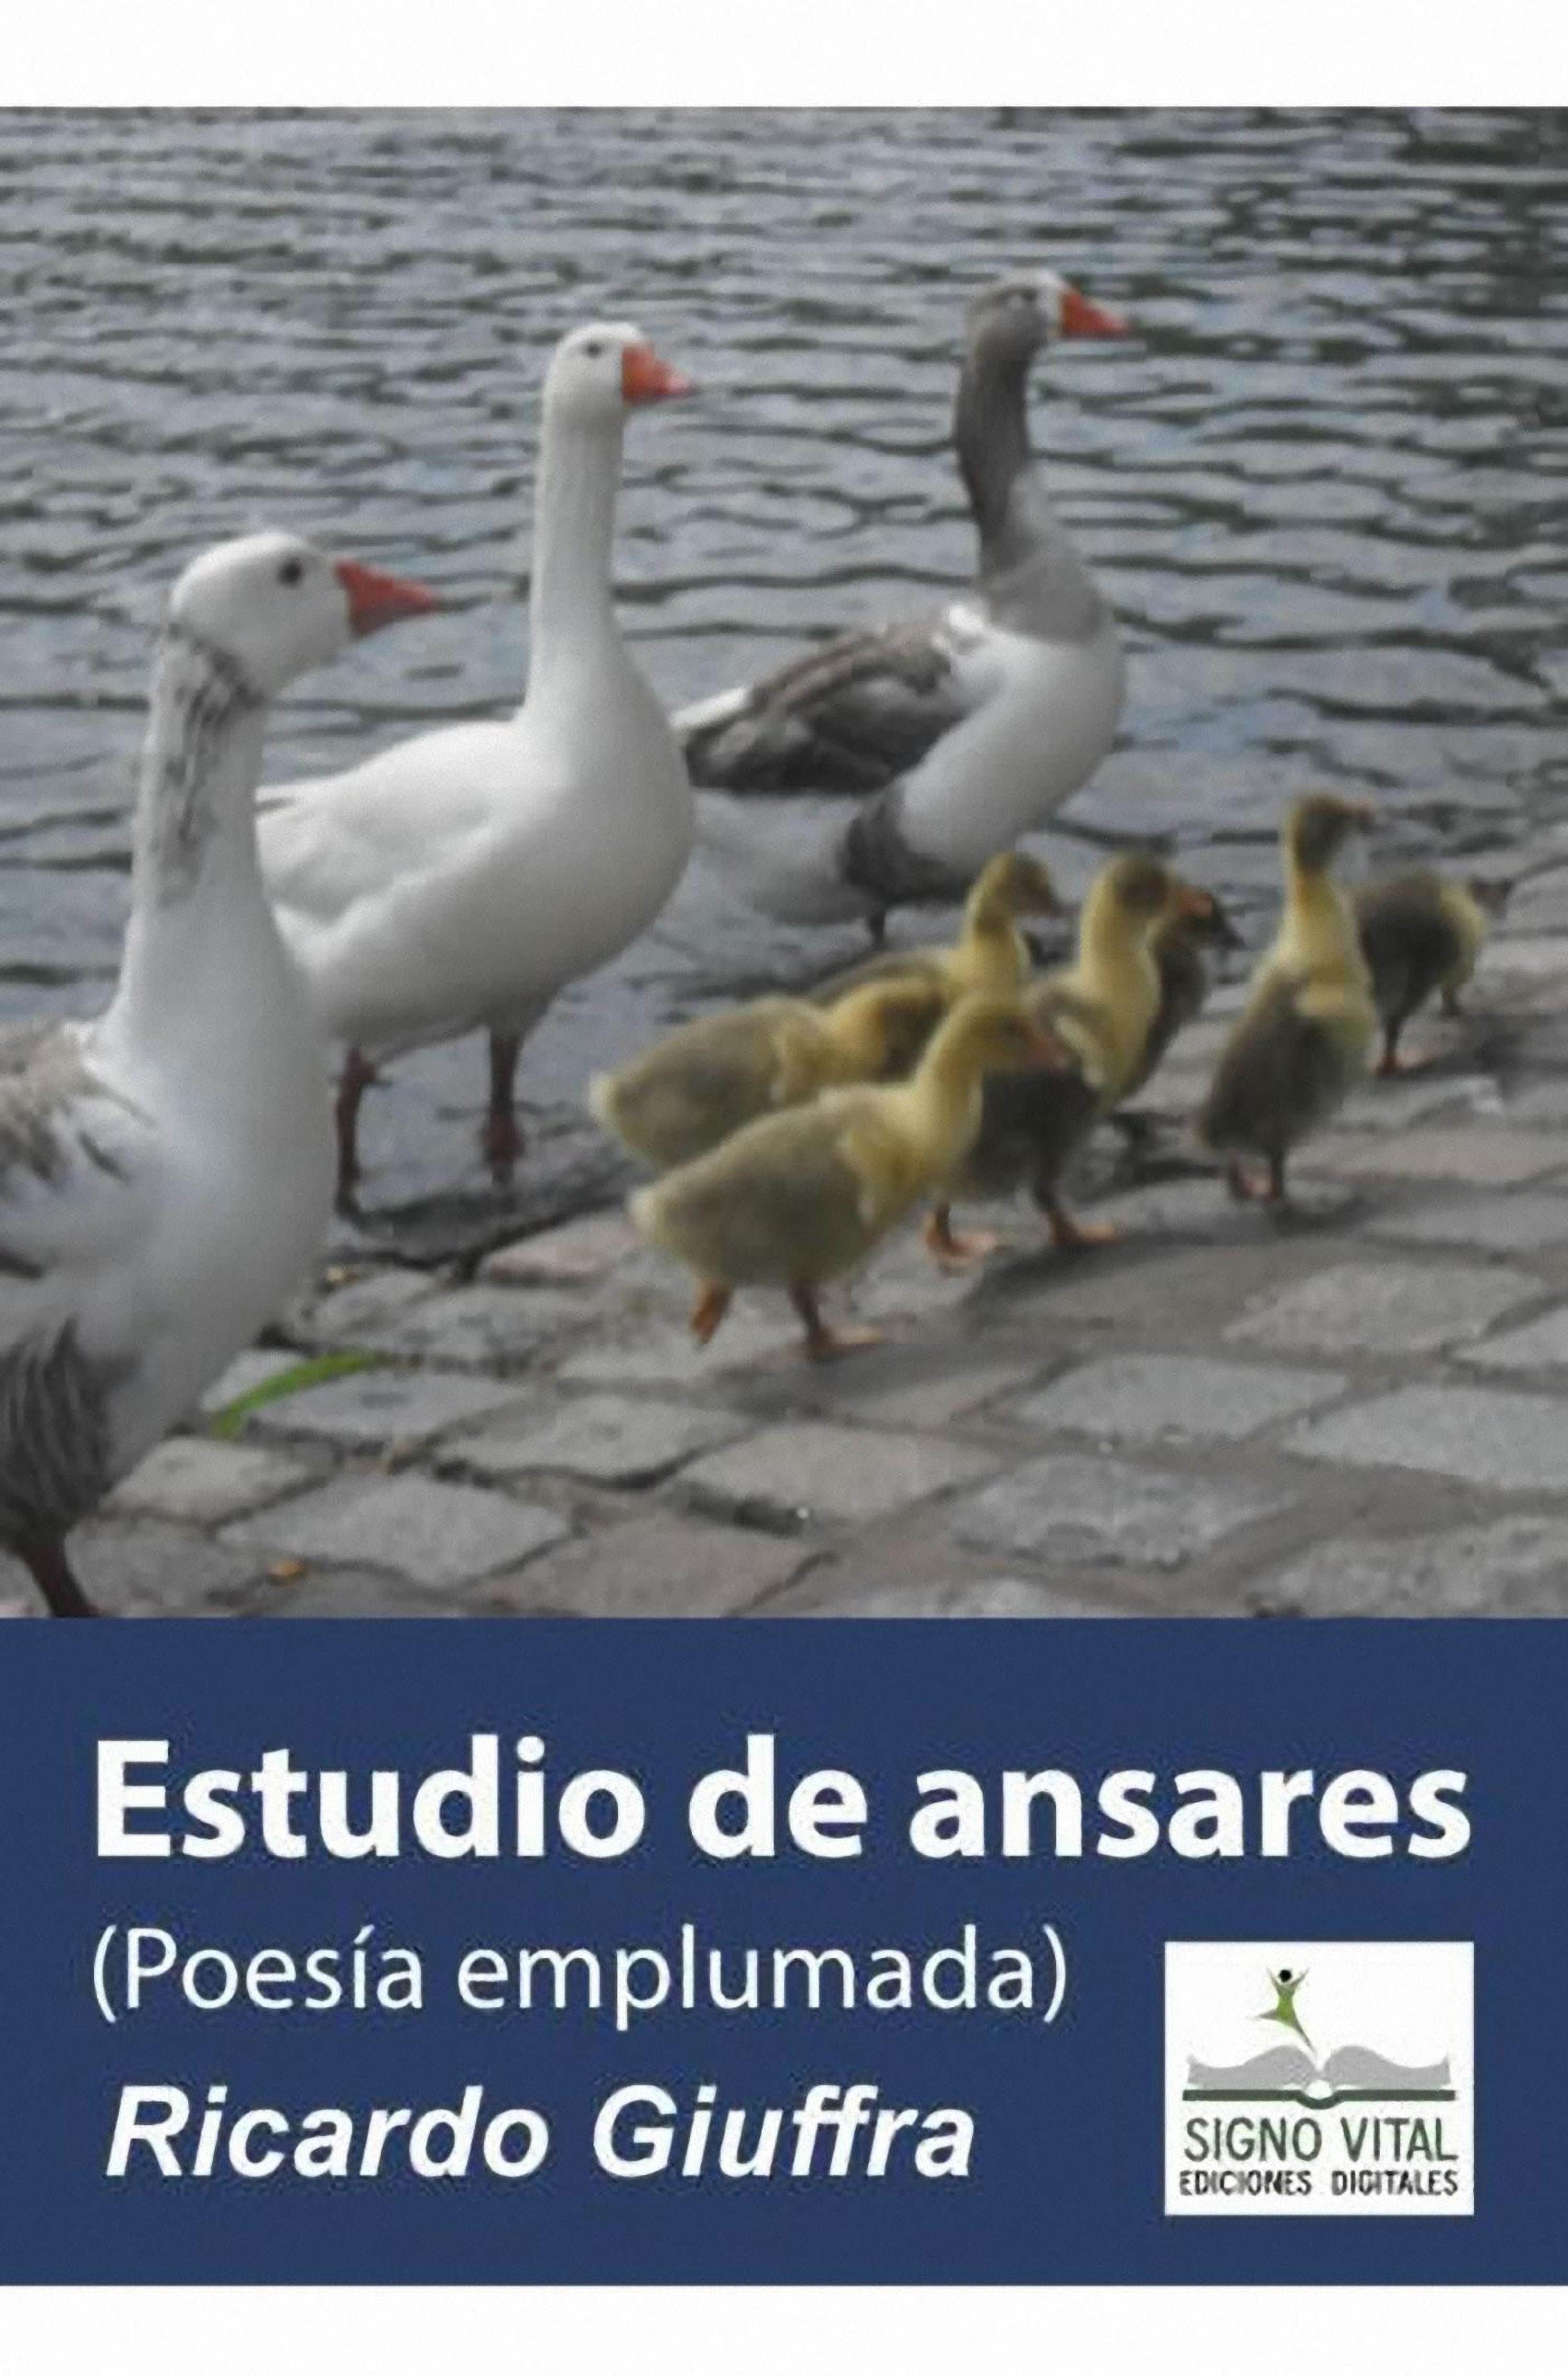 Ricardo Giuffra Estudio de Ansares